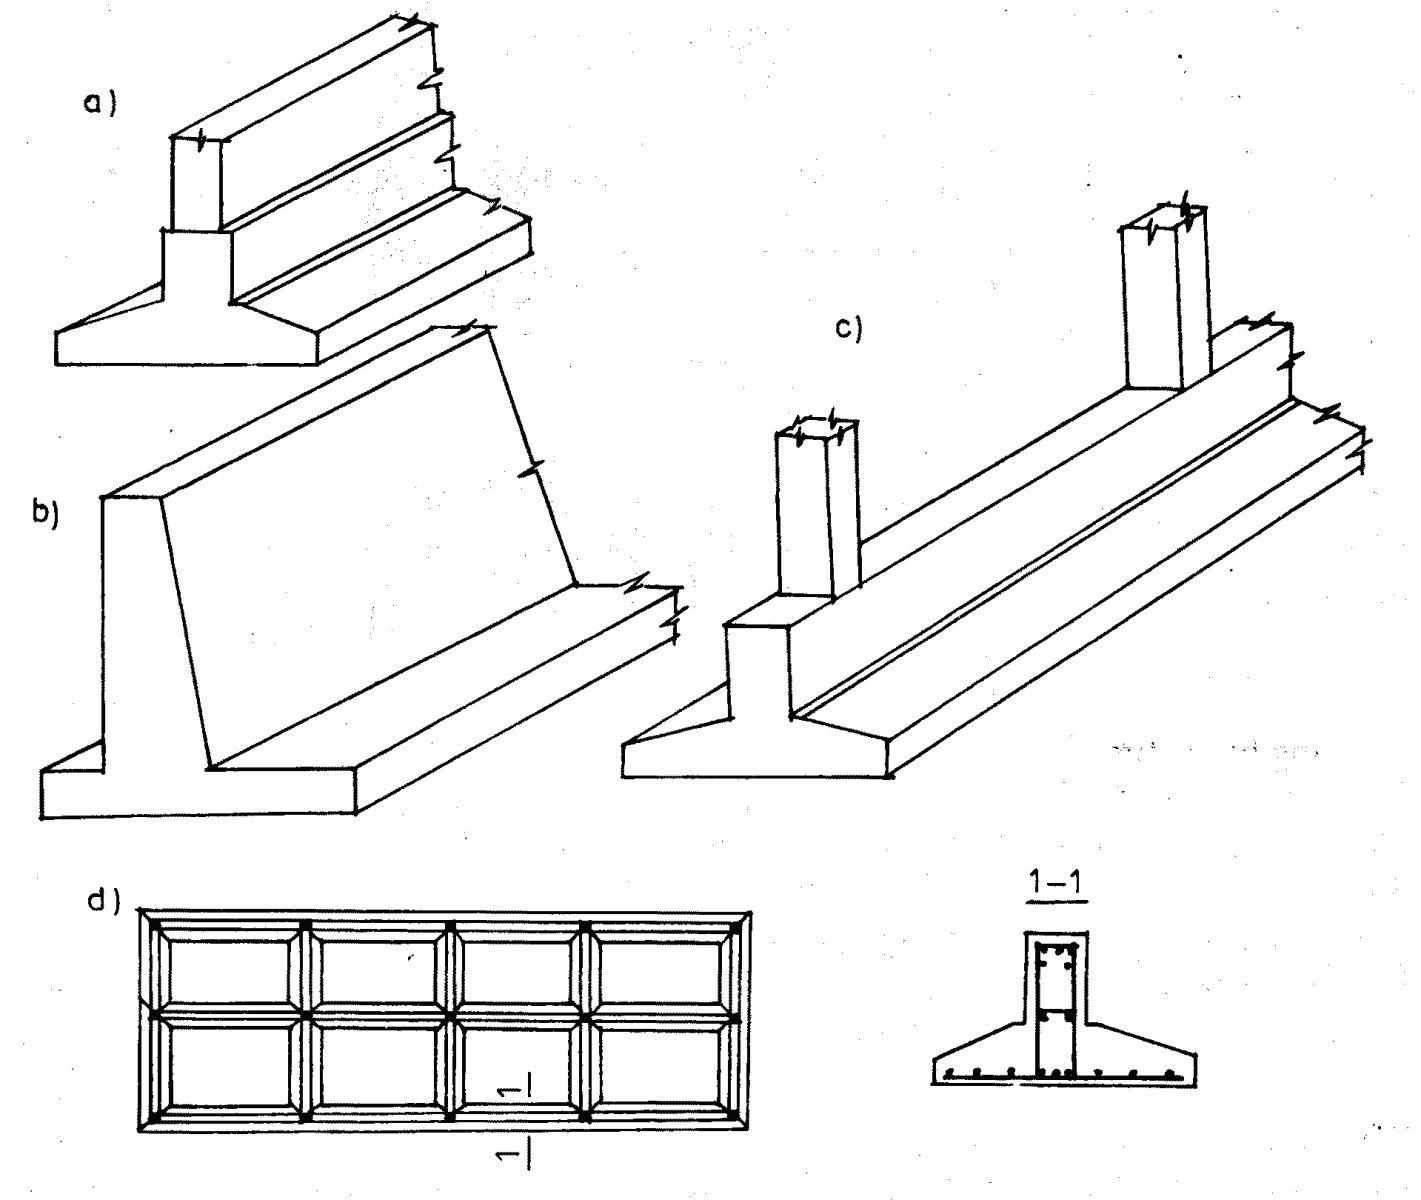 Tư vấn kết cấu móng băng nhà 3 tầng chắc chắn, an toàn